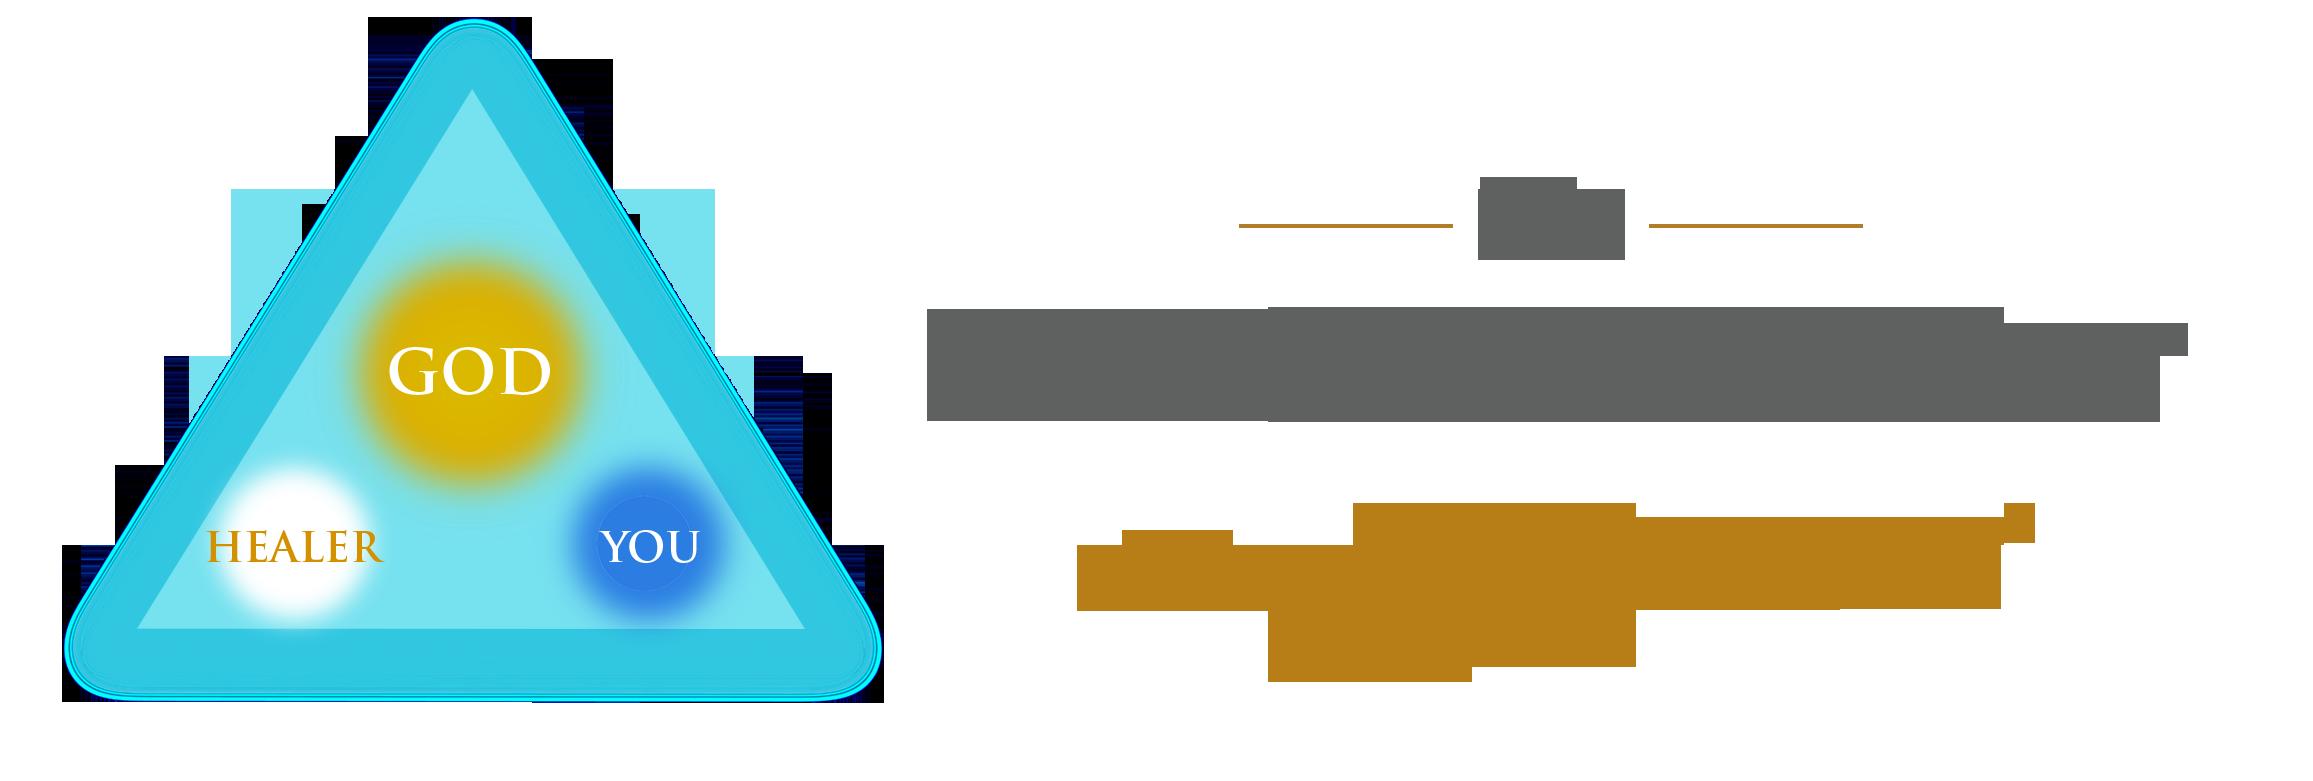 www.thehealingtrilogy.com